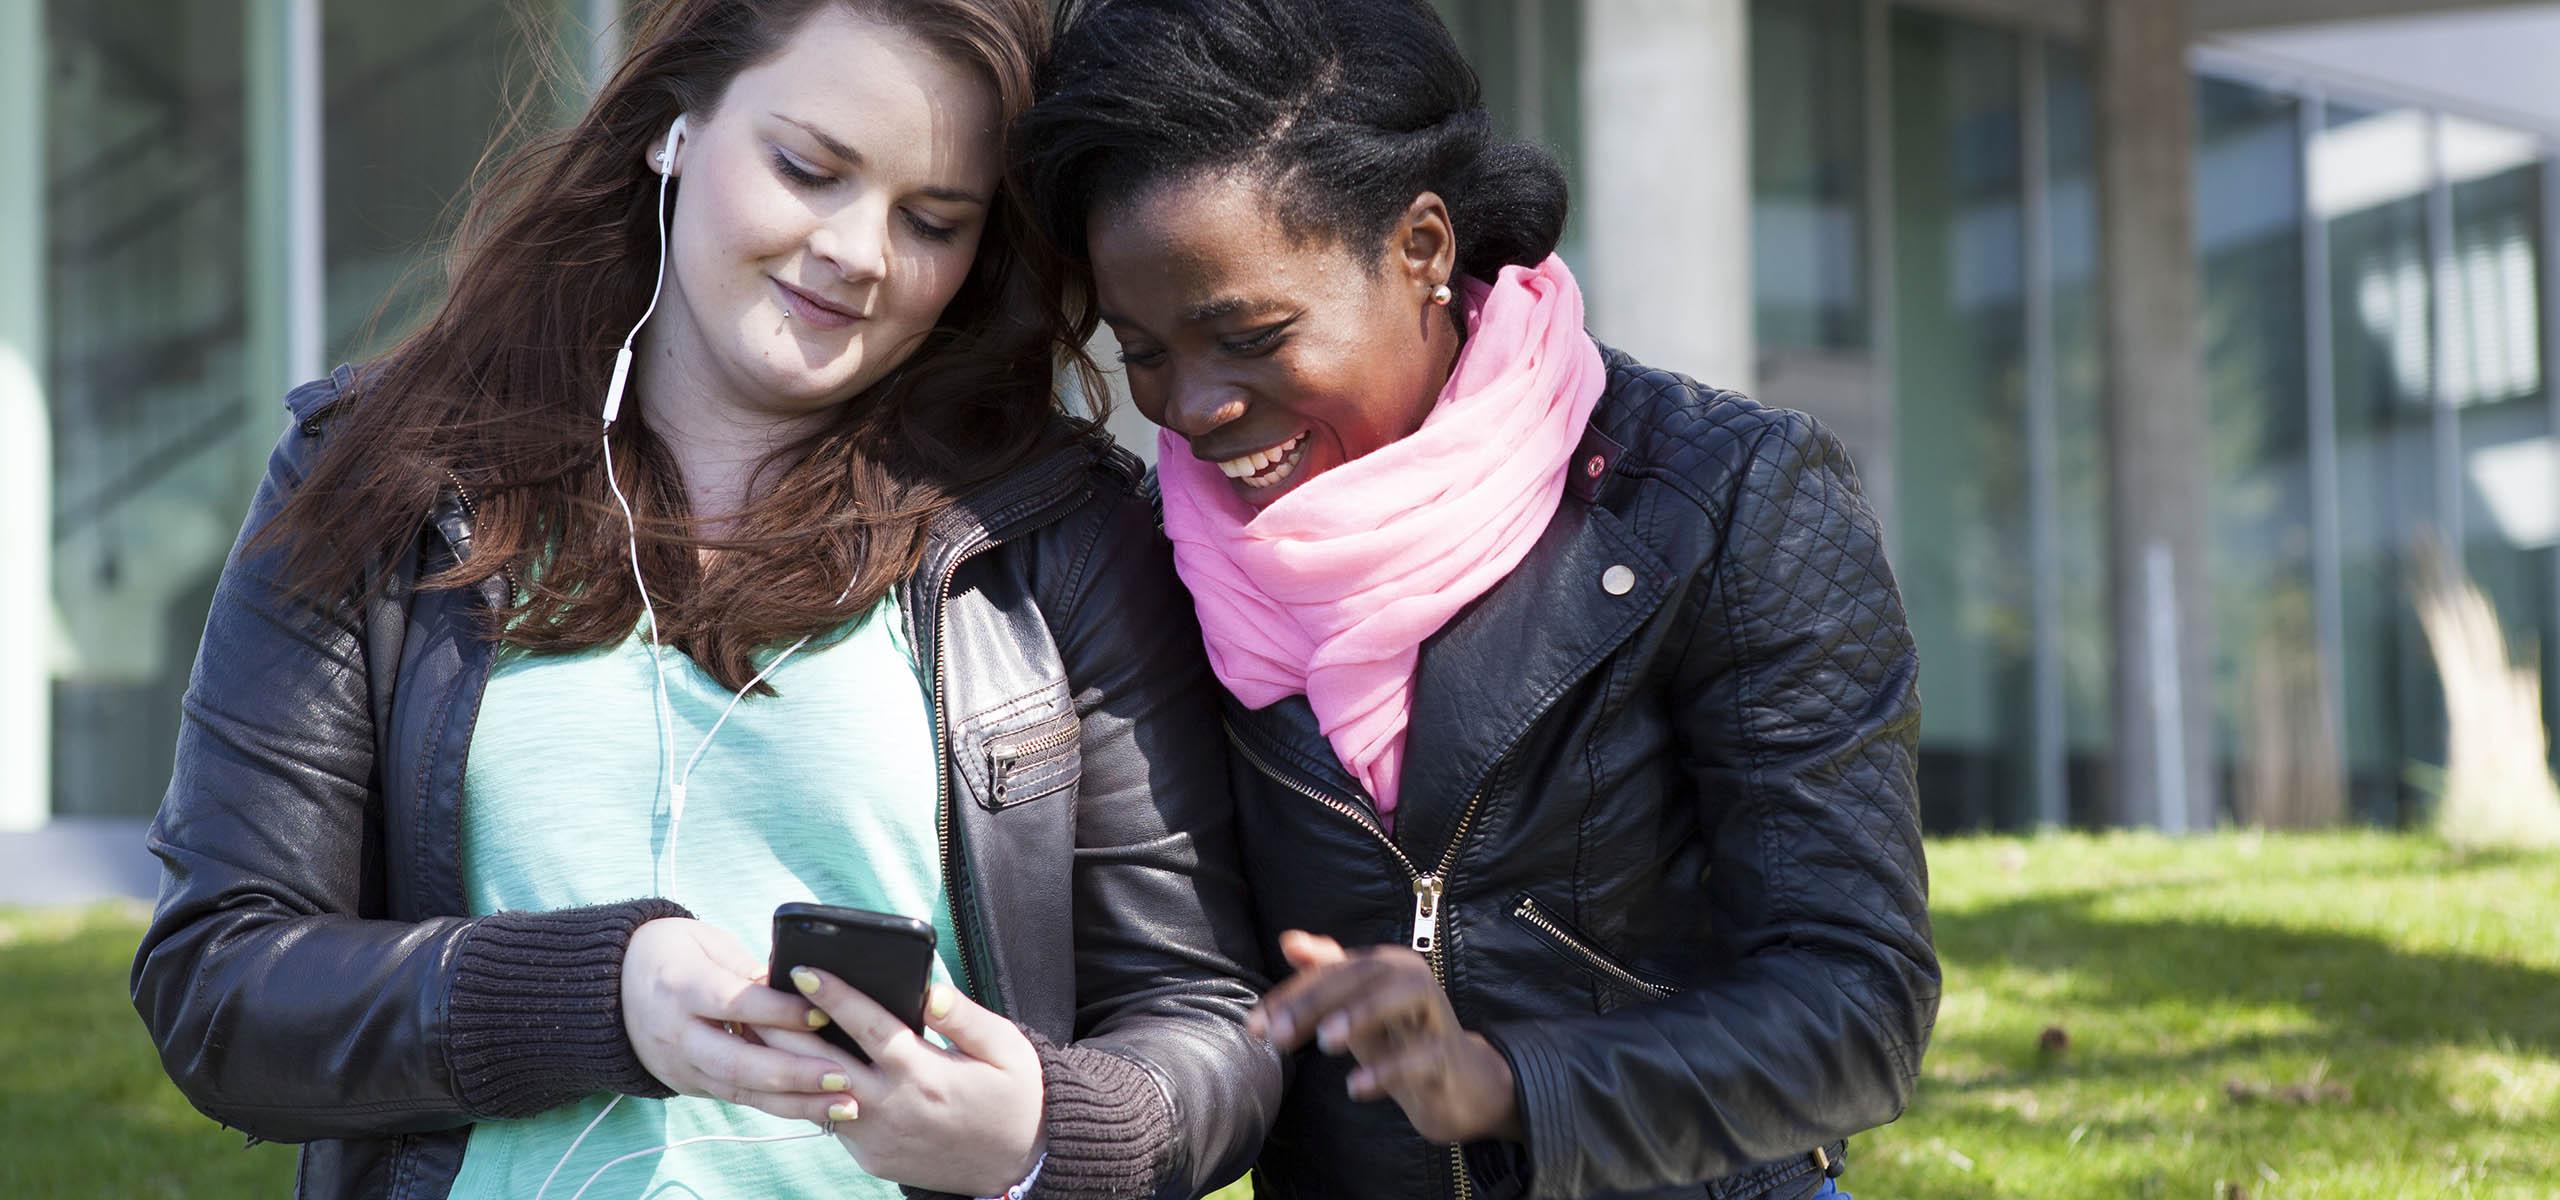 Två kvinnliga studenter tittar ner i en telefon